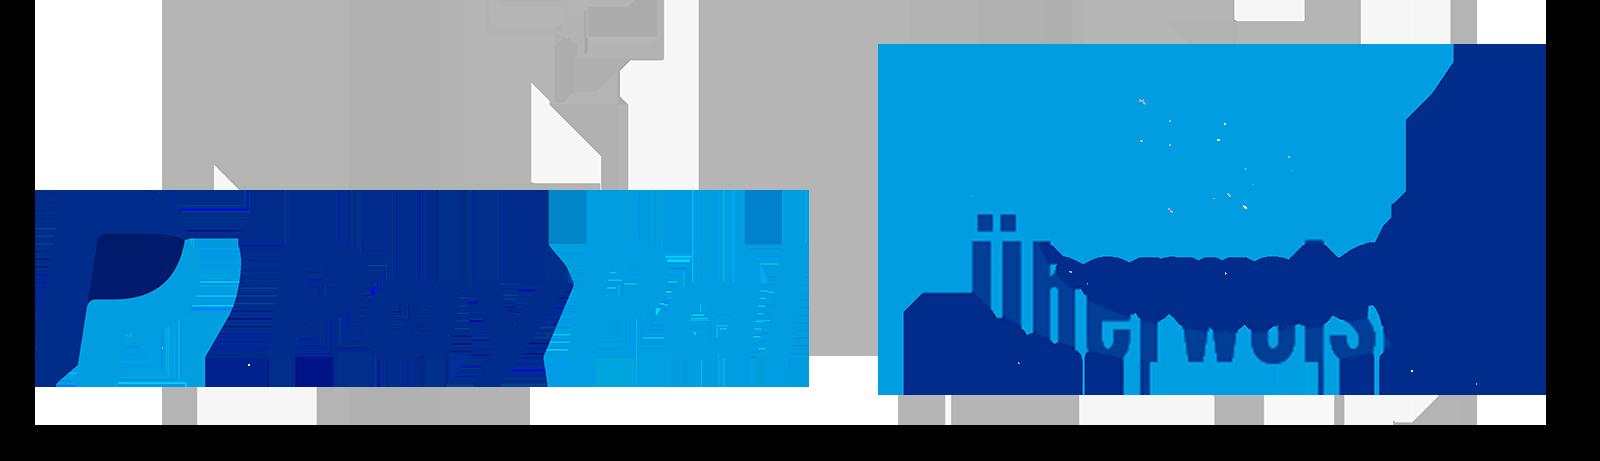 paypal-u-u-berweisung